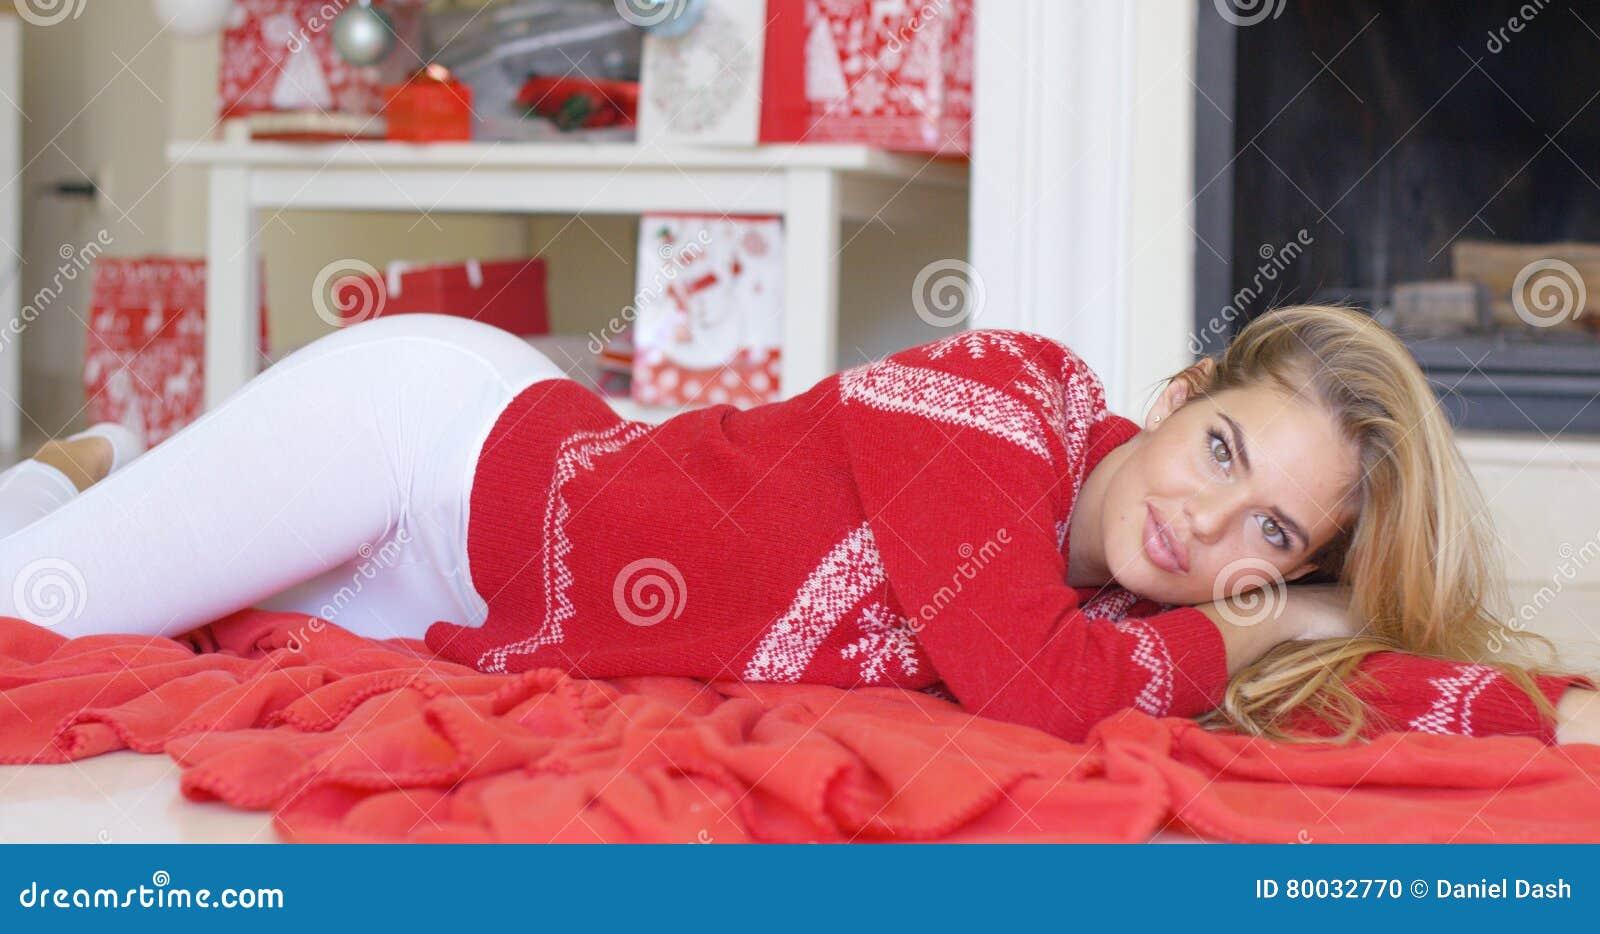 Девушка под красным одеялом фото